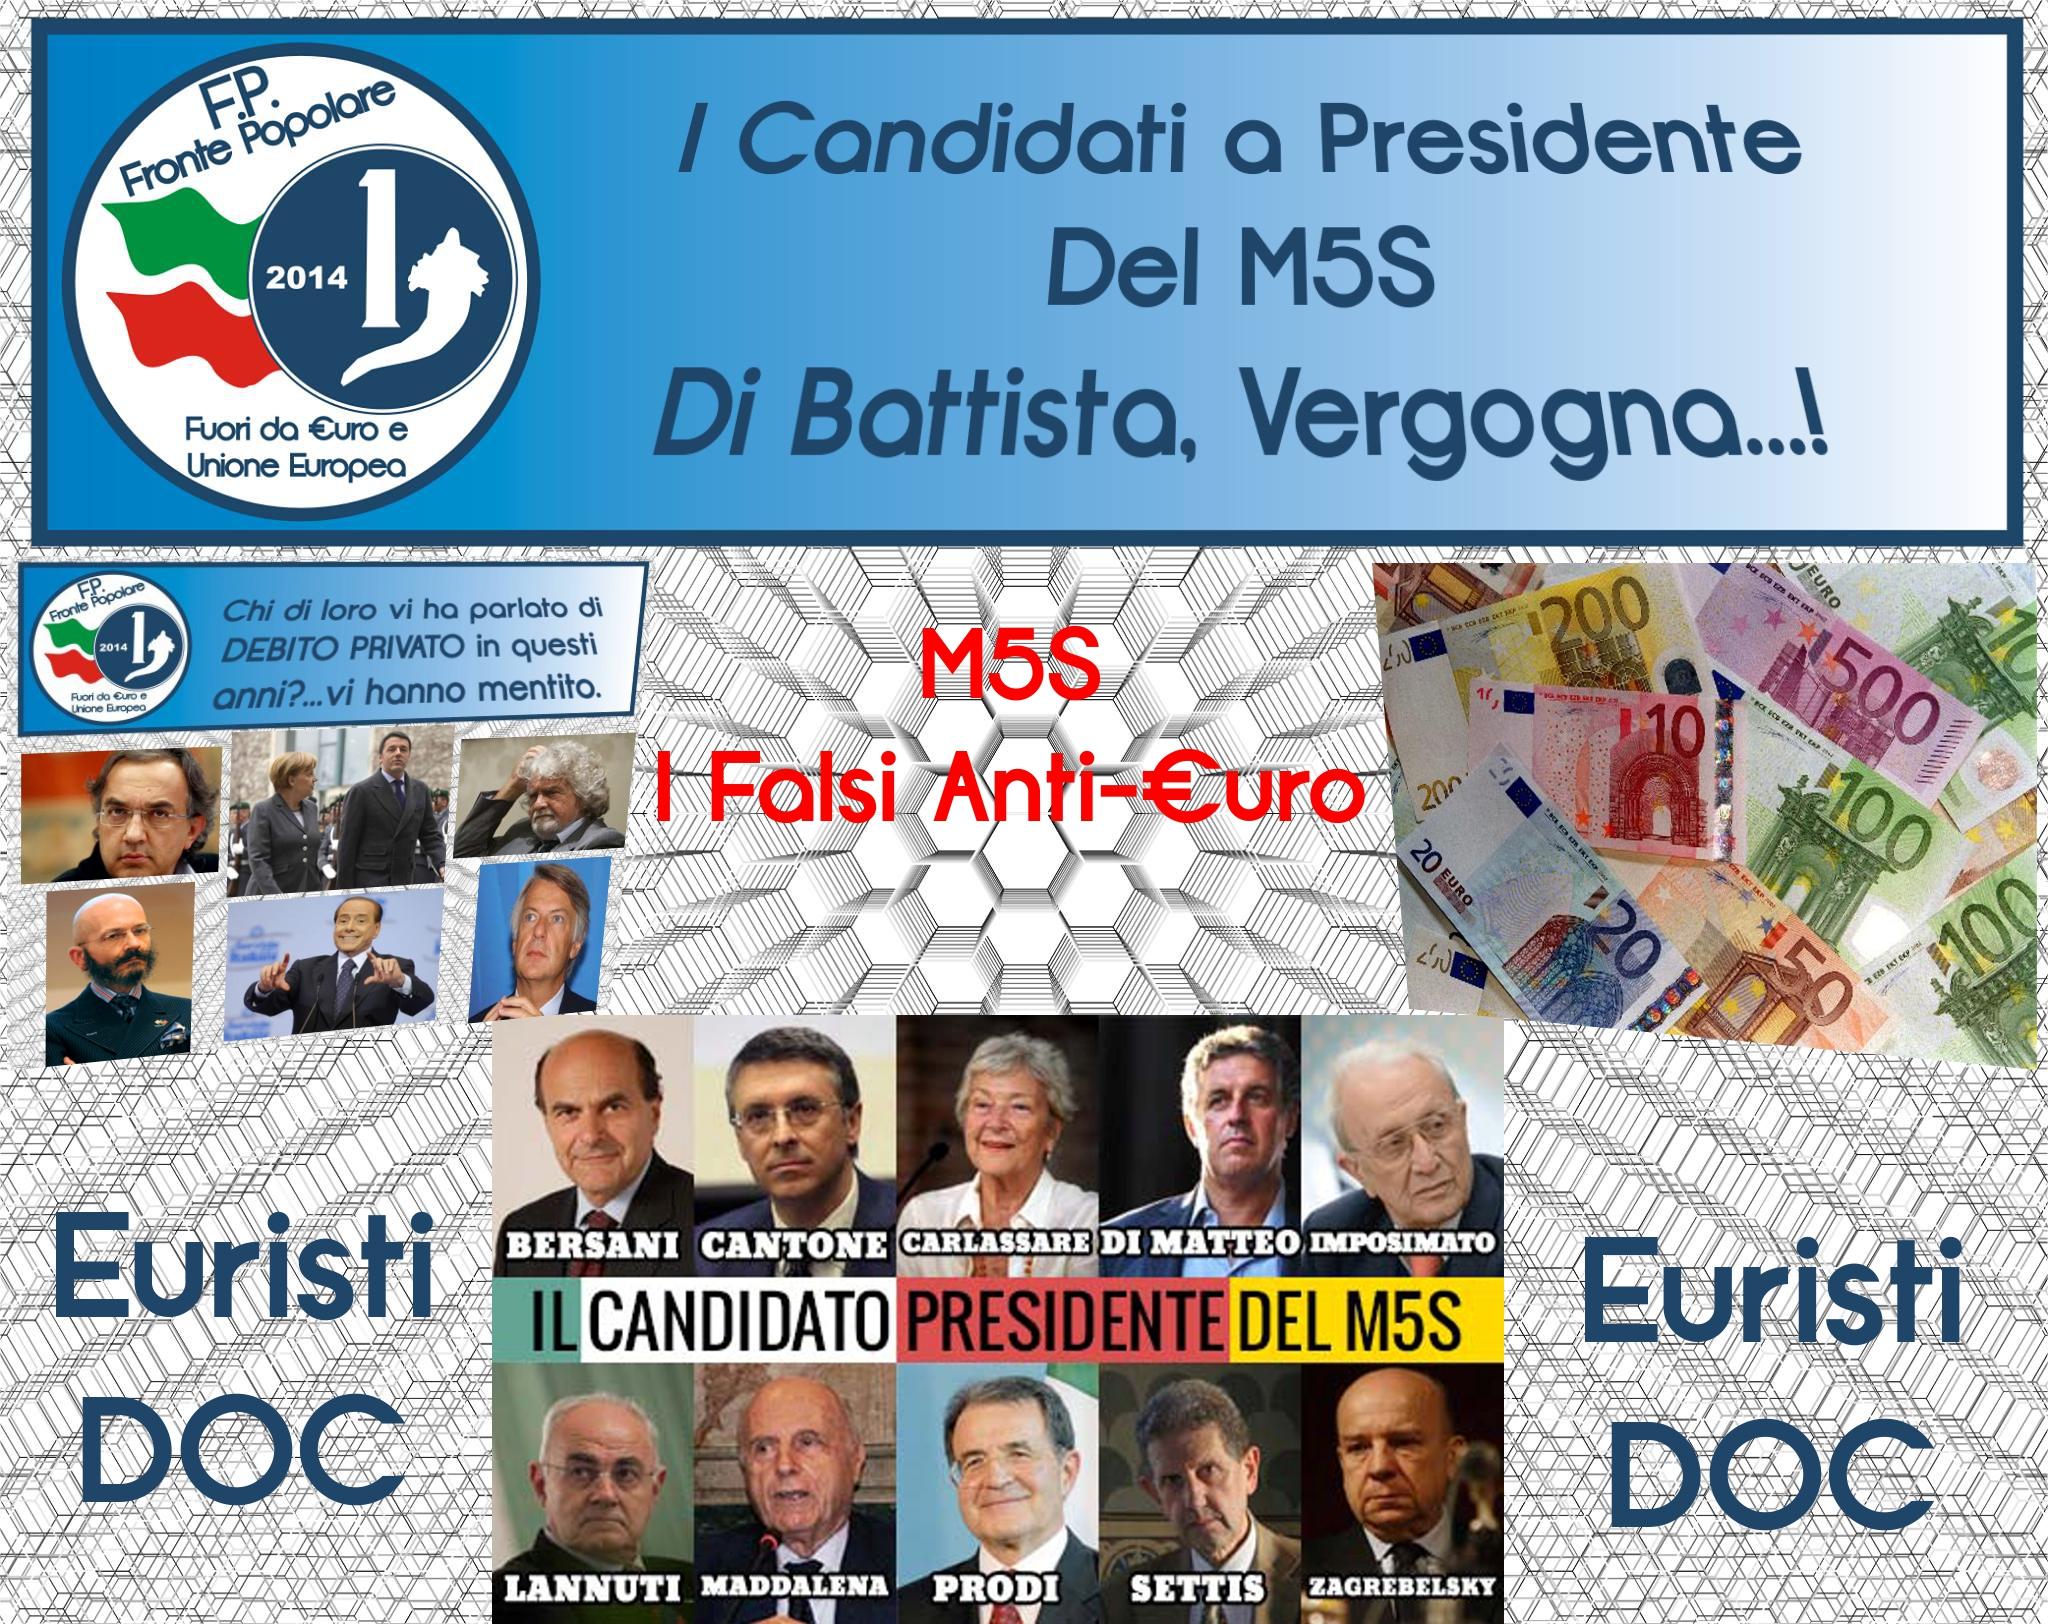 i candidati a presidente del m5s_fronte popolare